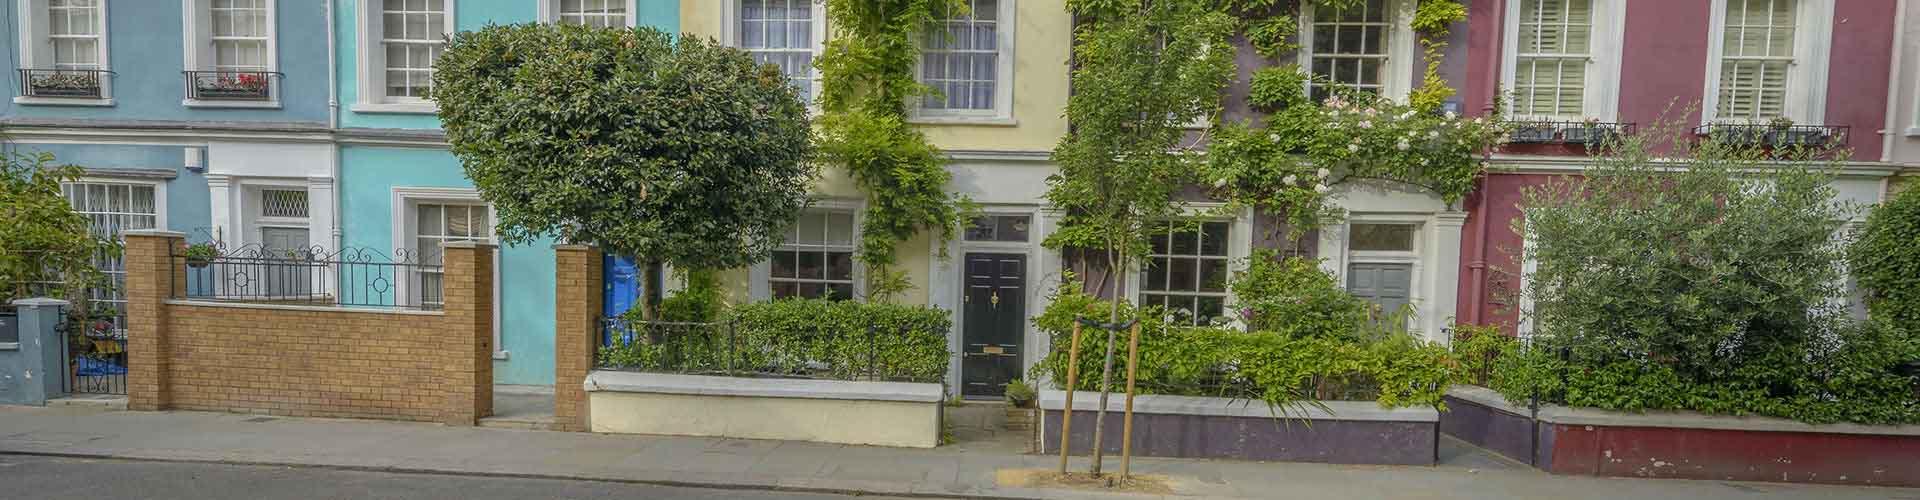 Londres - Chambres pas chères dans le quartier de Colline de Notting. Cartes pour Londres, photos et commentaires pour chaque chambre à Londres.